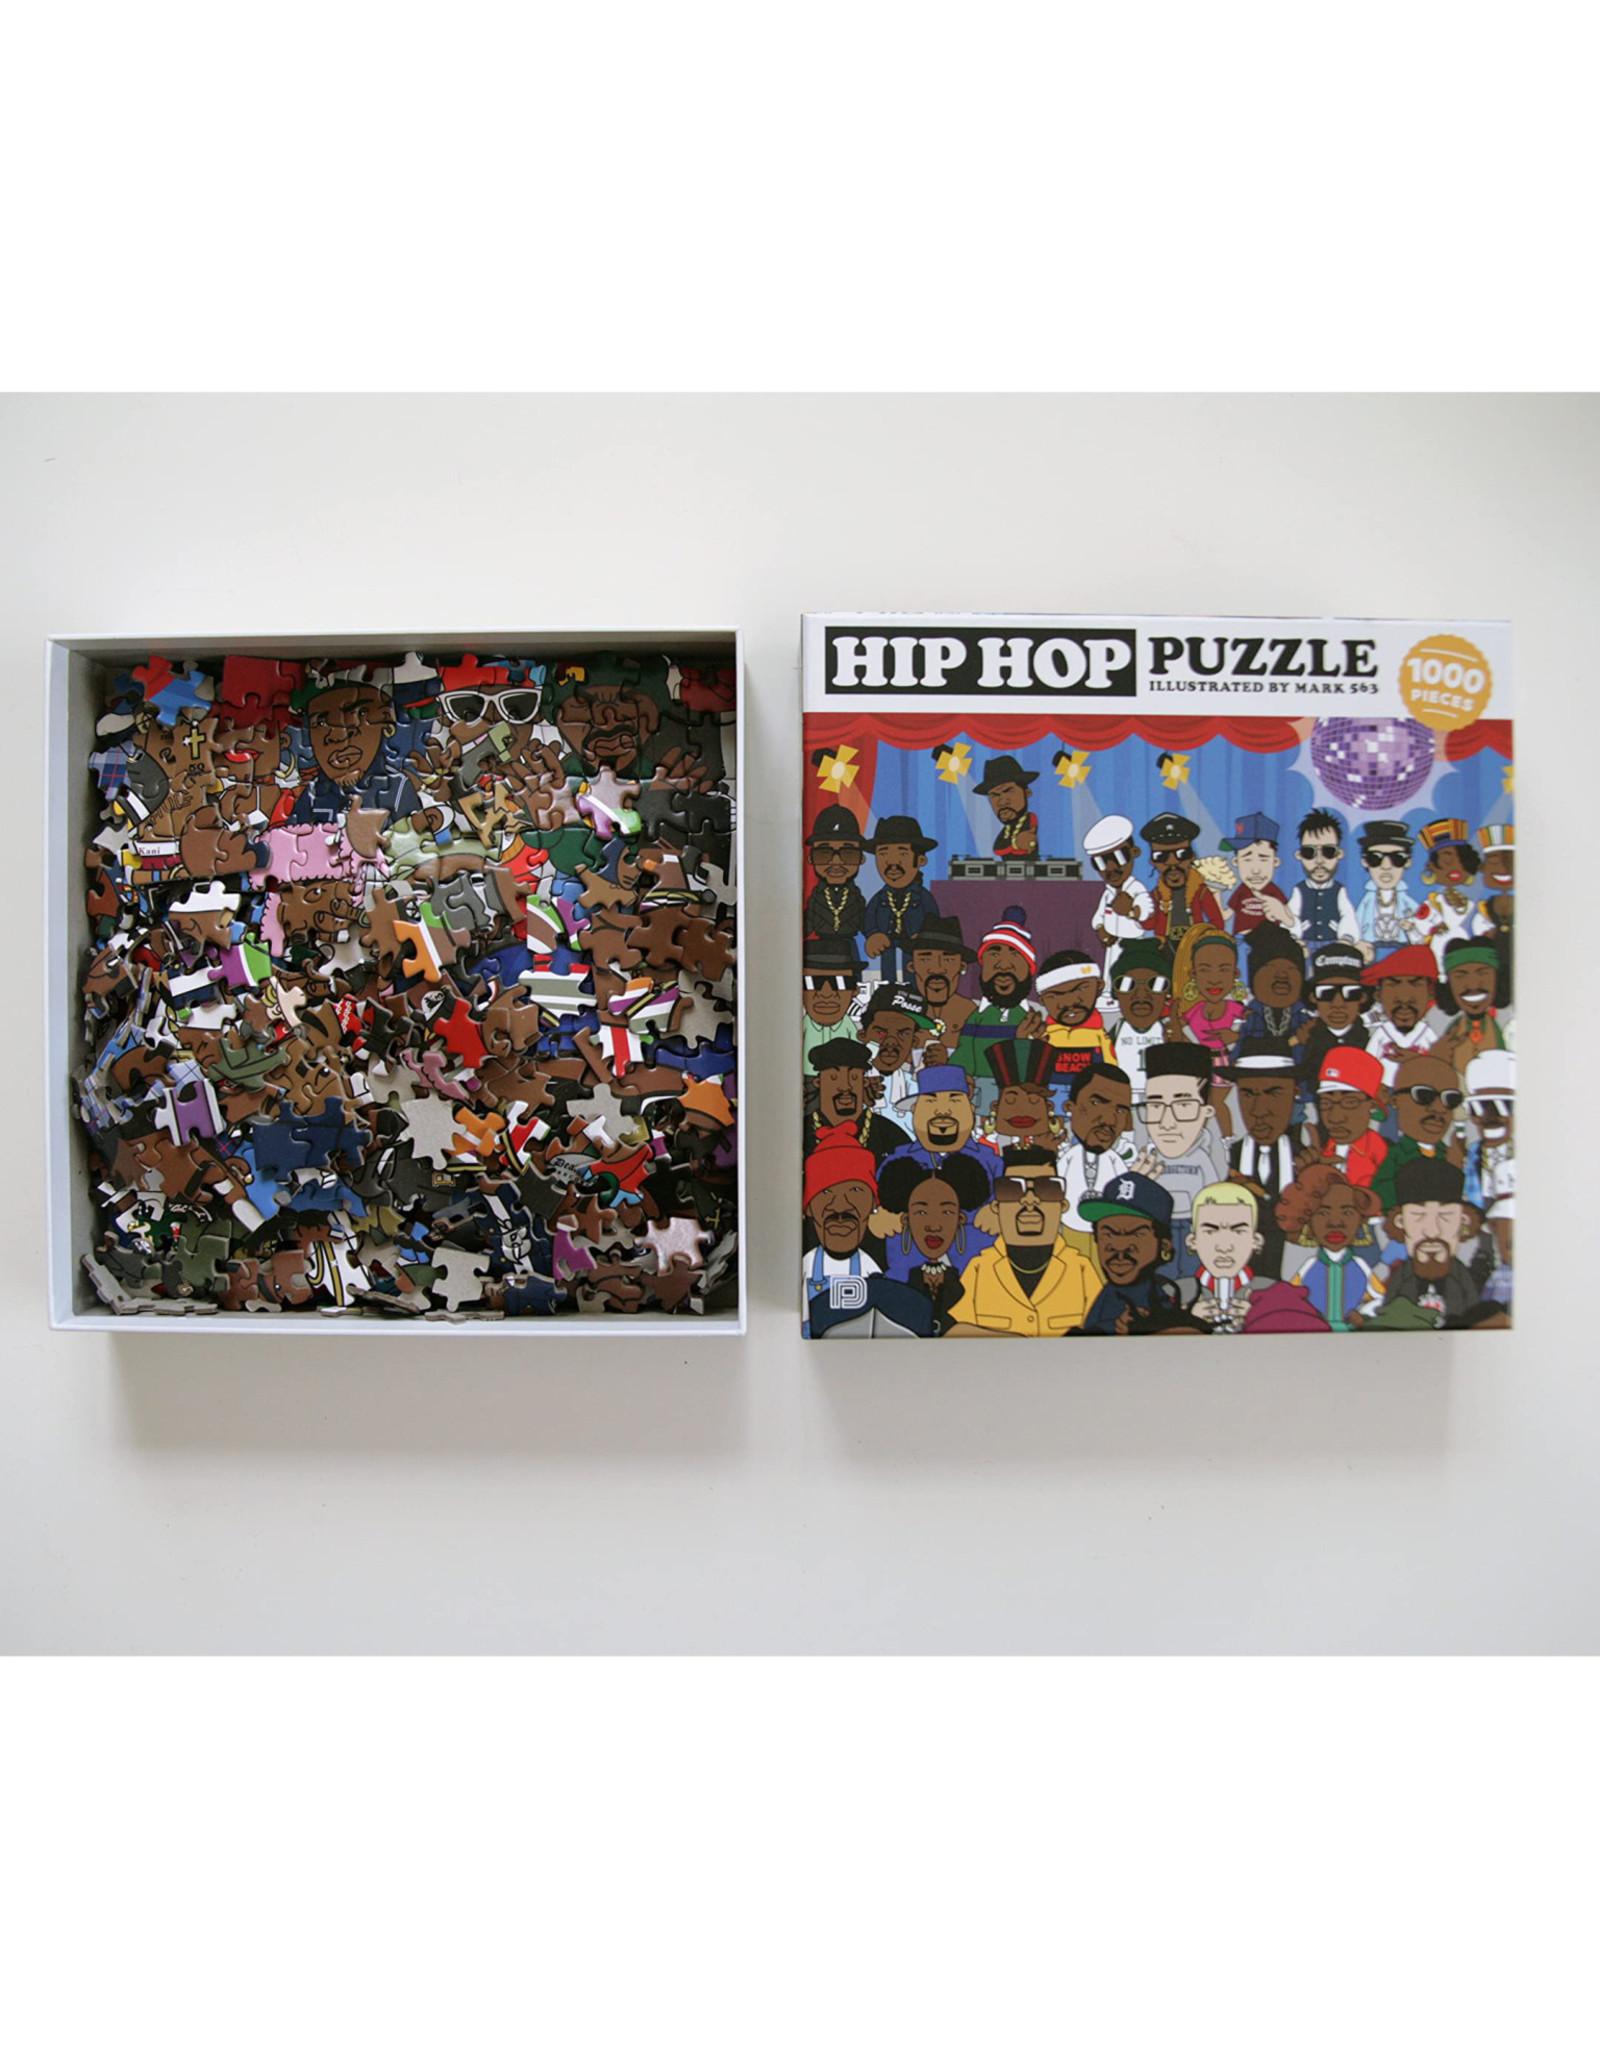 Hip Hop Puzzle